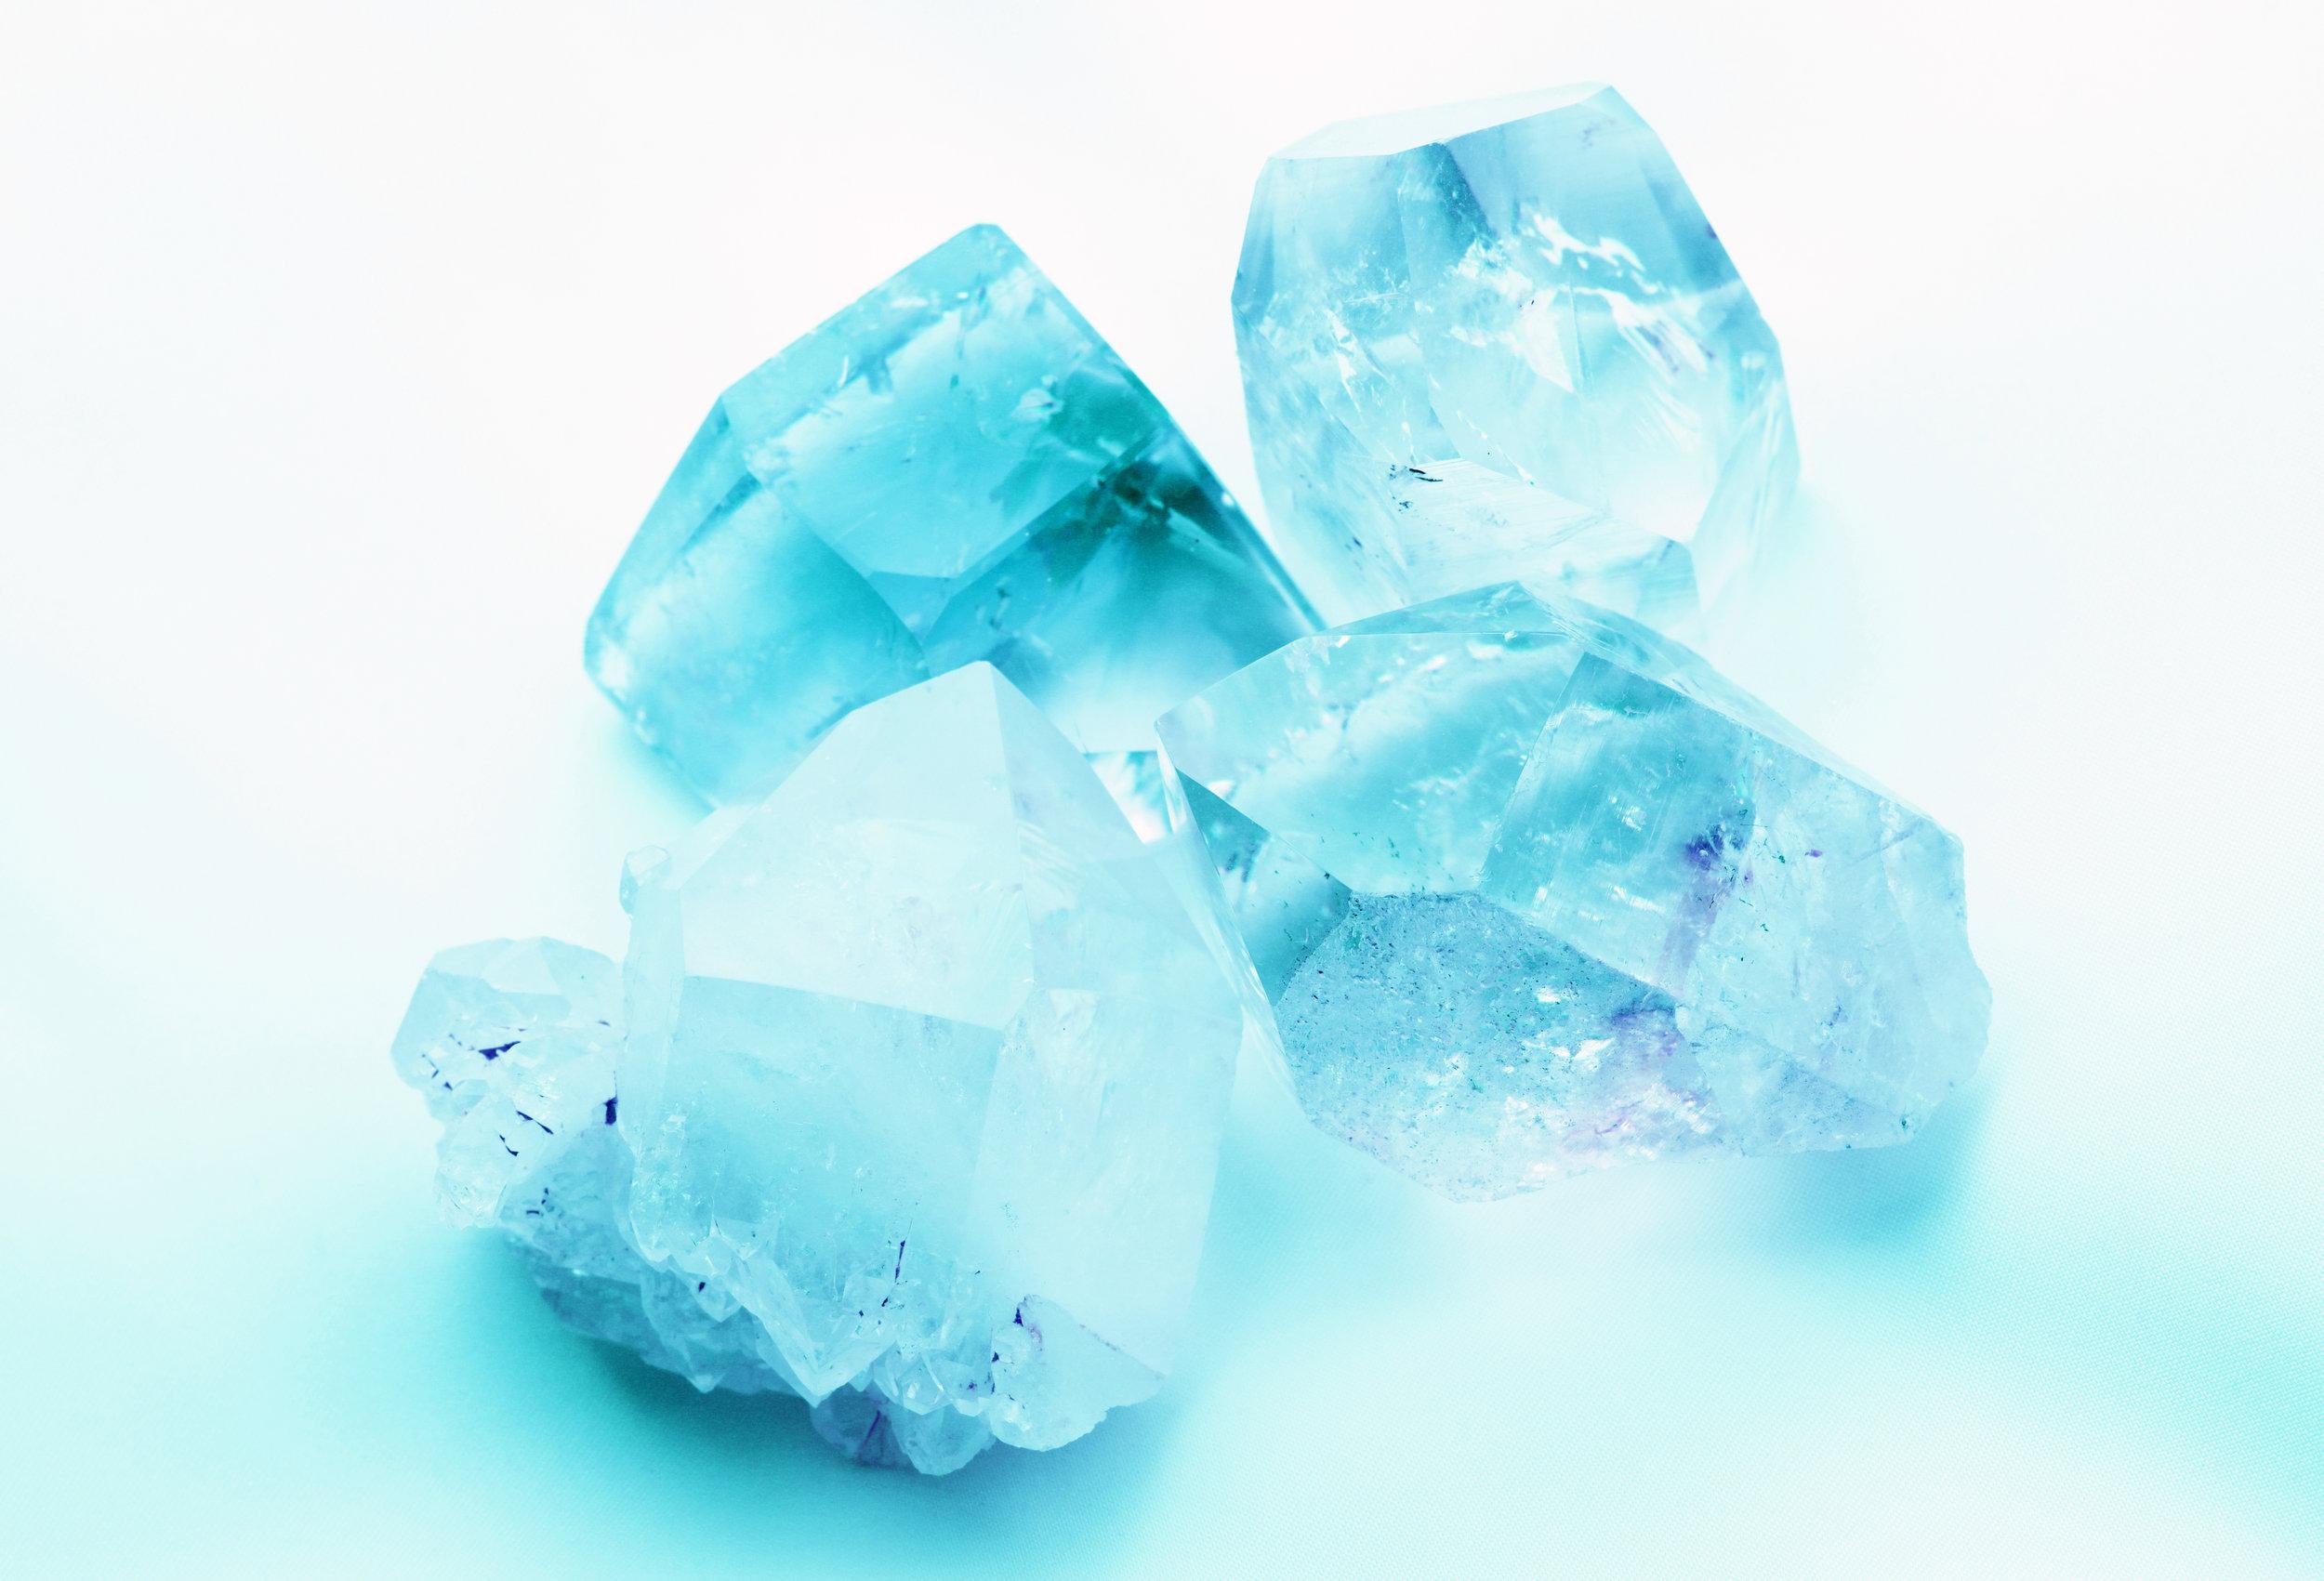 Aquamarine in rough crystal form.